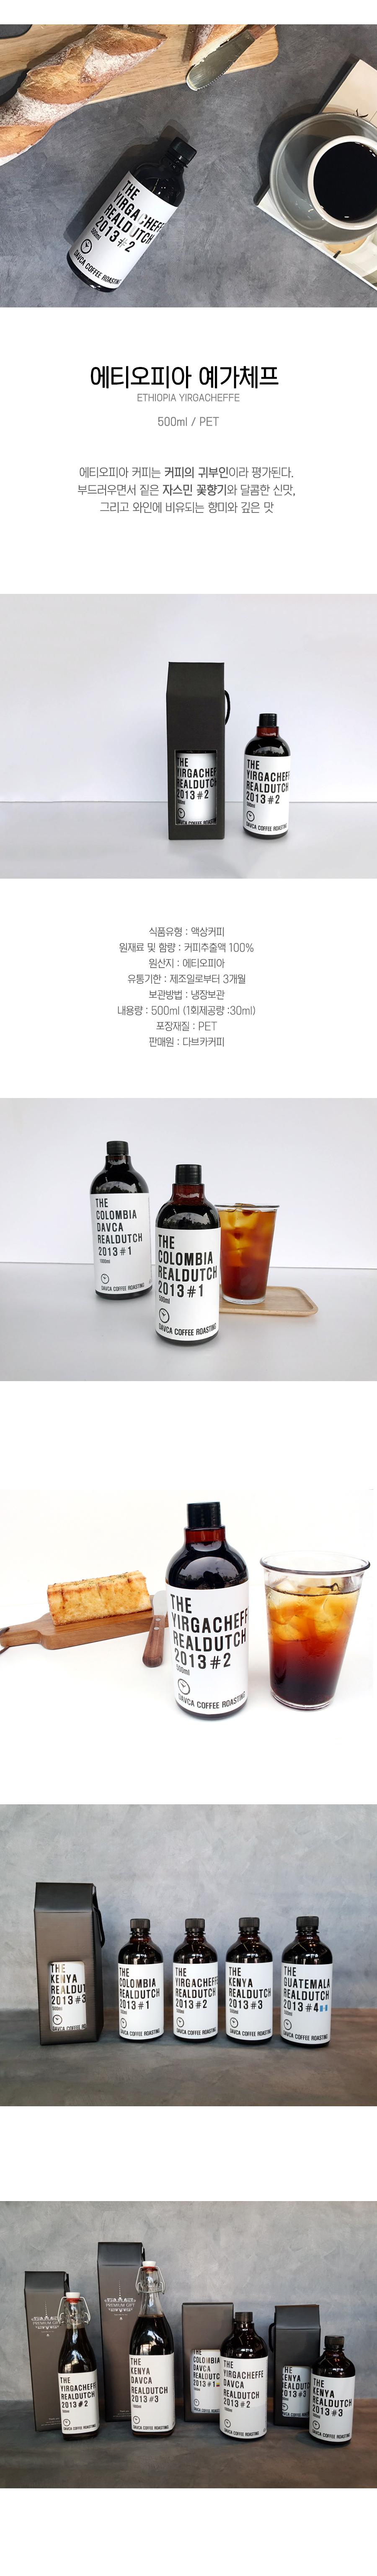 콜롬비아 수프리모-콜드브루더치커피원액 선물-액상커피-500ml-P - 다브카커피, 12,900원, 커피, 더치커피